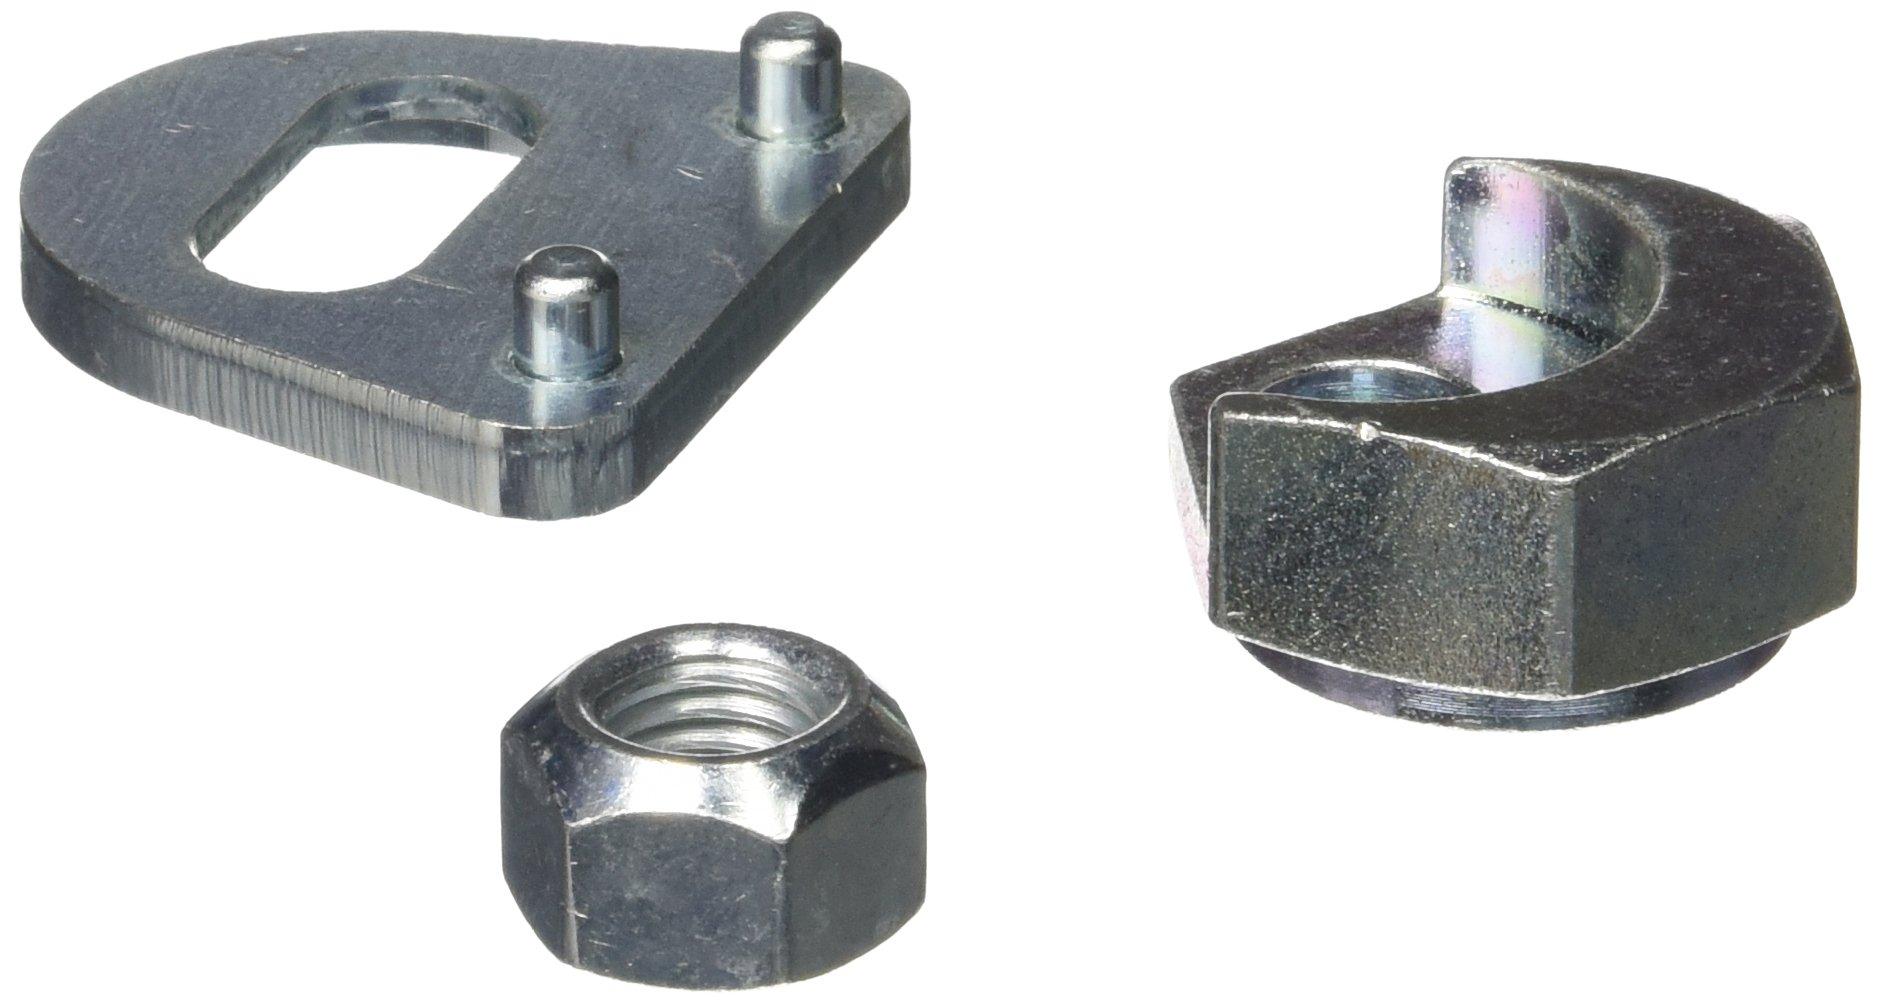 Moog K80111 Caster/Camber Adjusting Kit